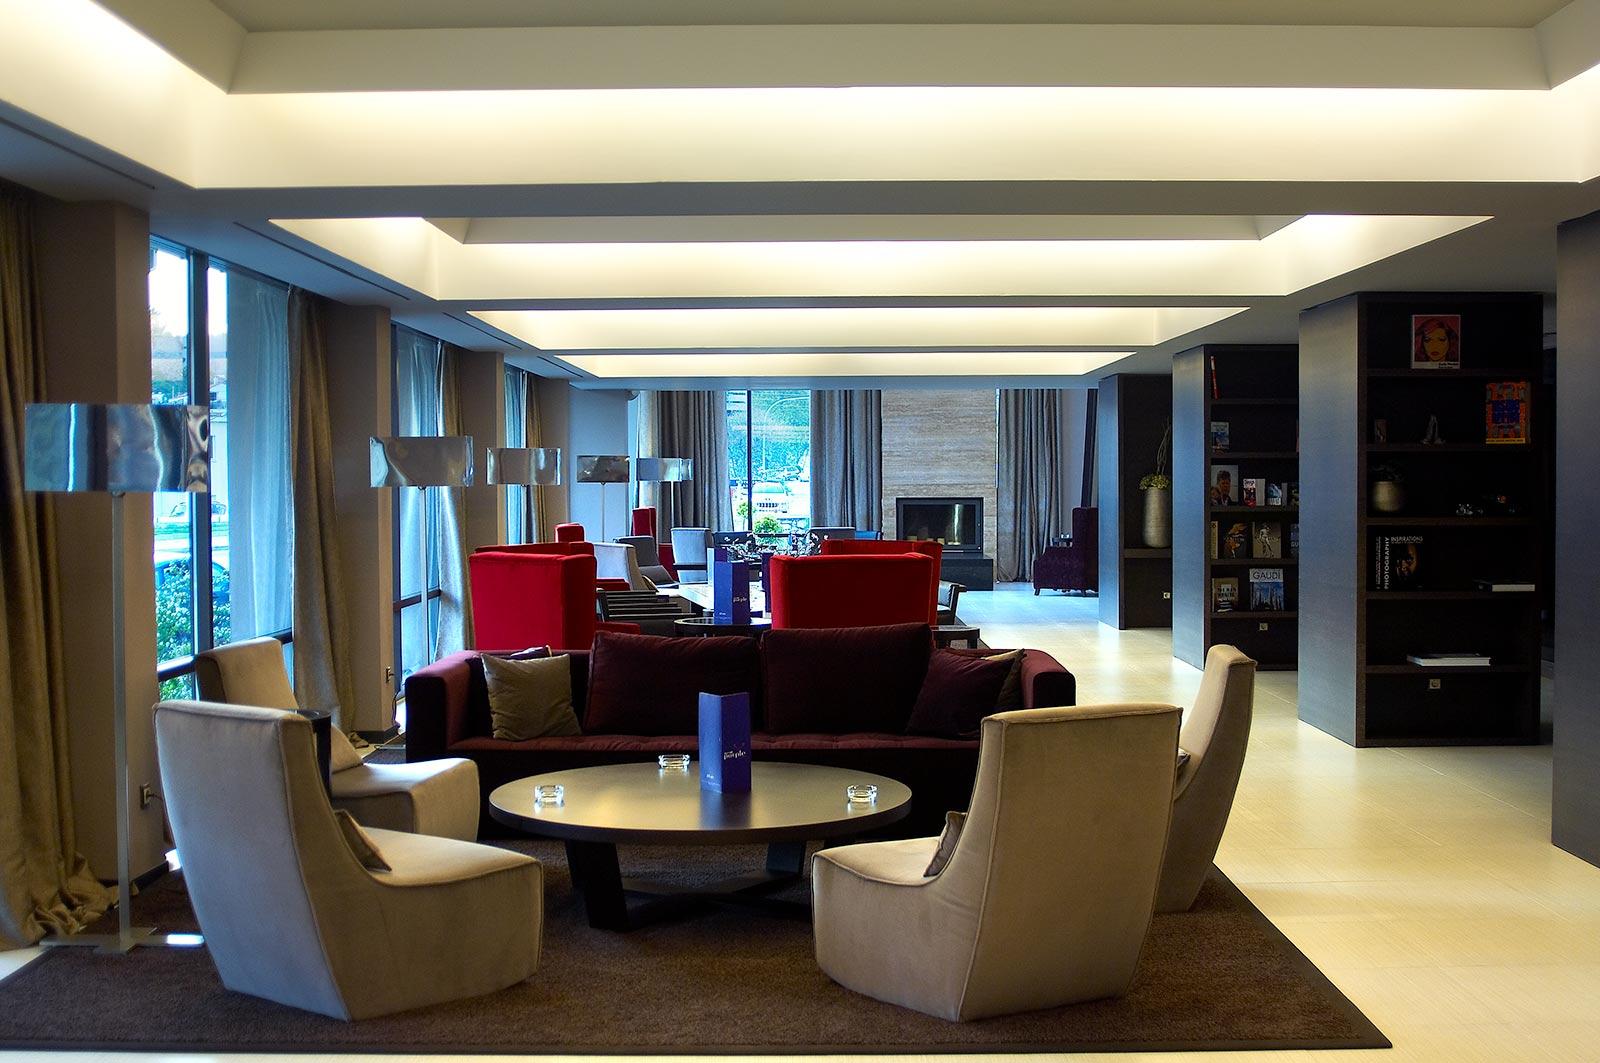 Πολυτελή ξενοδοχεία σέρρες ξενοδοχεία σπα design σέρρες Ελλάδα f4bc61641e9